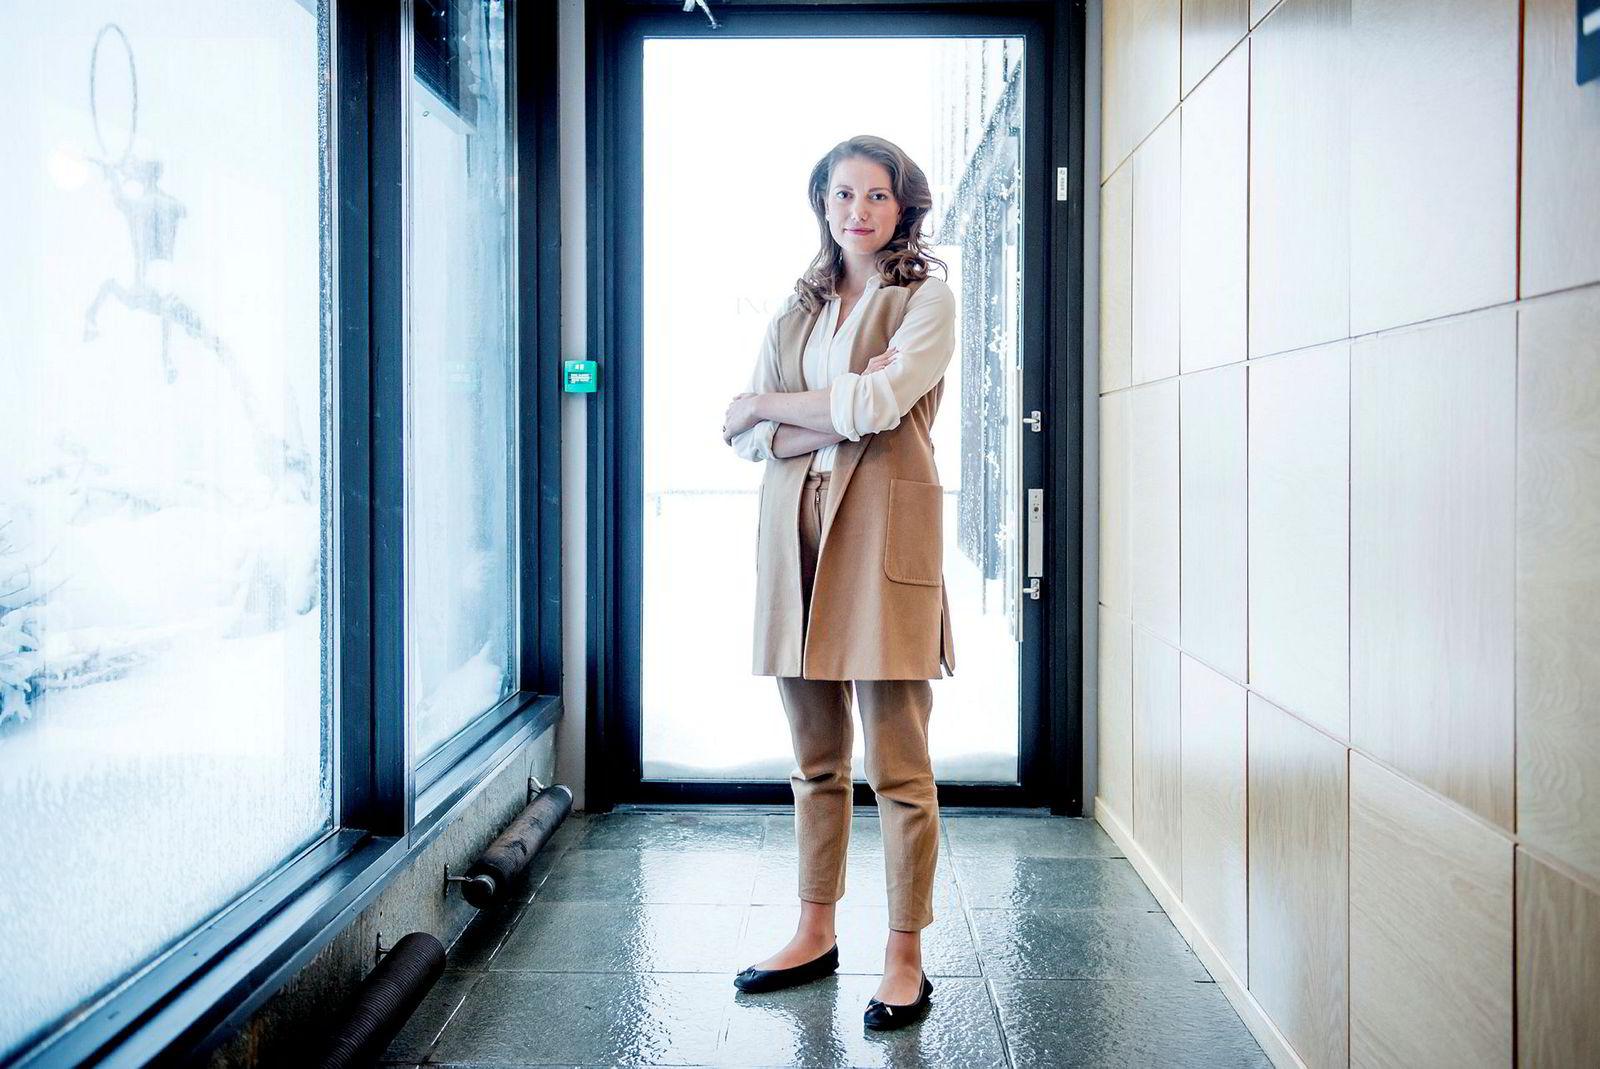 – Vi vet at det er risiko forbundet med å holde rentene lave i lang tid, sier Saskia de Vries-van Ewijk, direktør i den nederlandske sentralbanken.